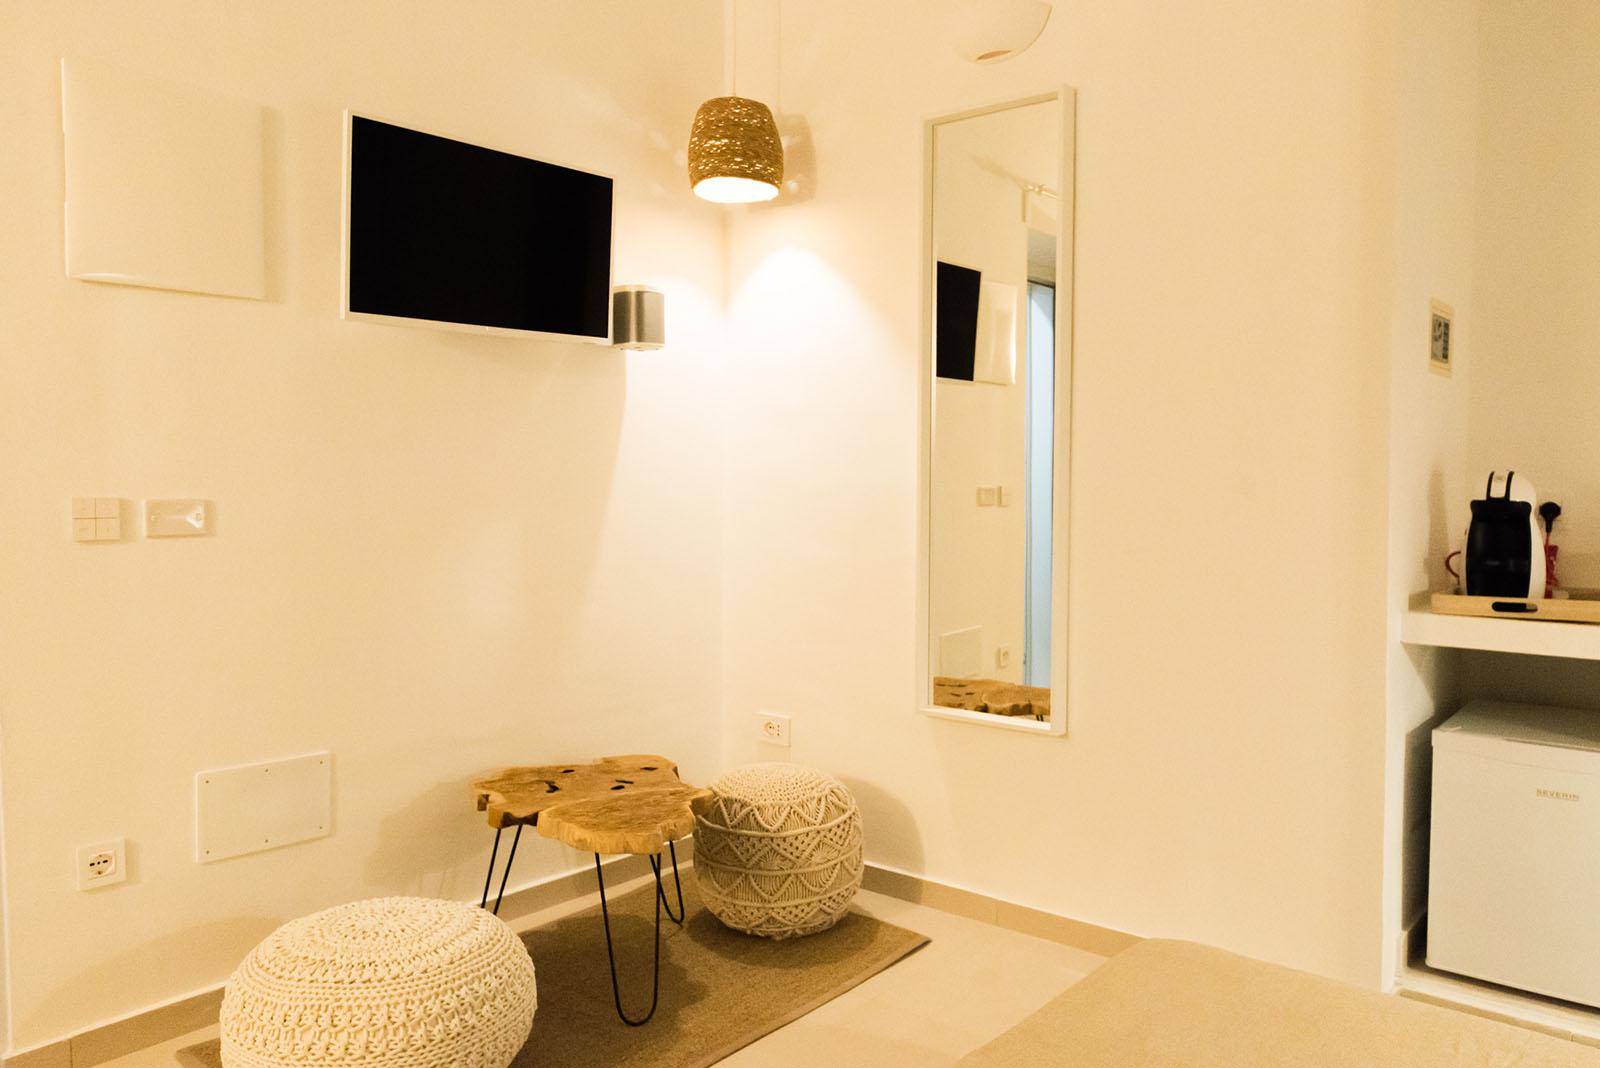 1 bed and breakfast agropoli progettazione architettonica domotica salerno break for two mare nest room 4 b&b